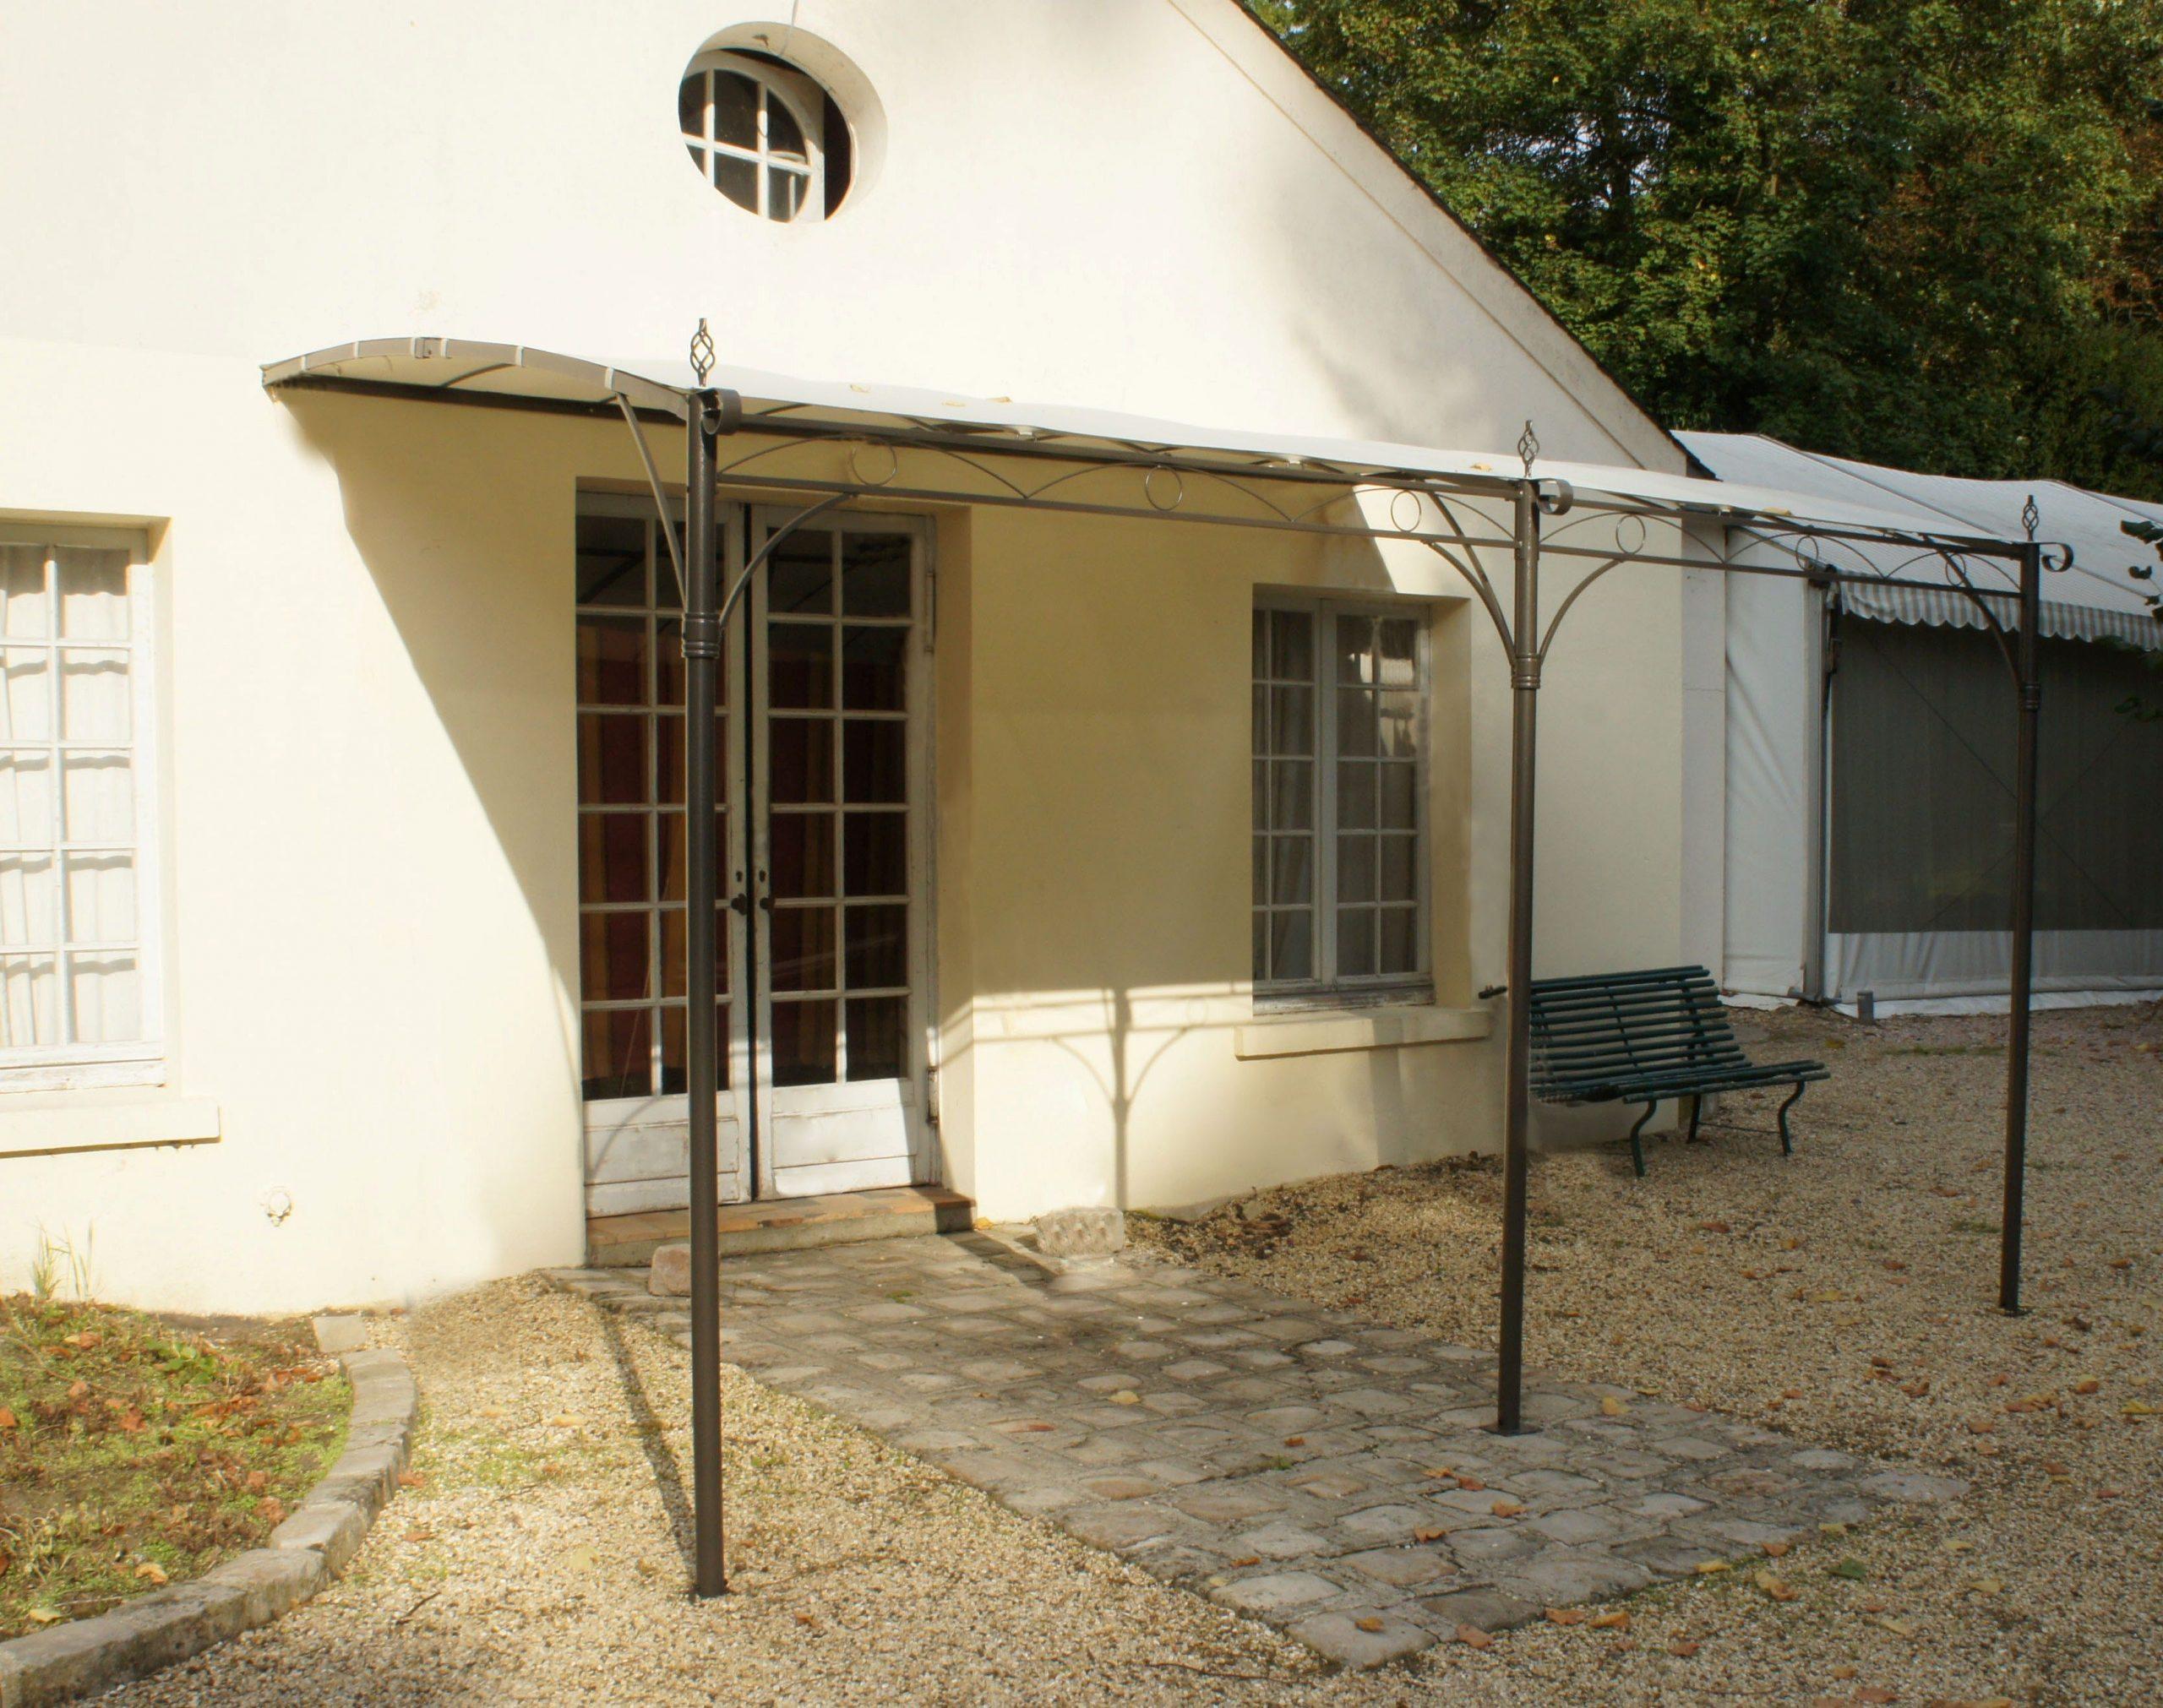 Tonnelle De Jardin Adossée Murale Capri 3X4 M - Avec Toile ... destiné Tonnelle De Jardin Adossée